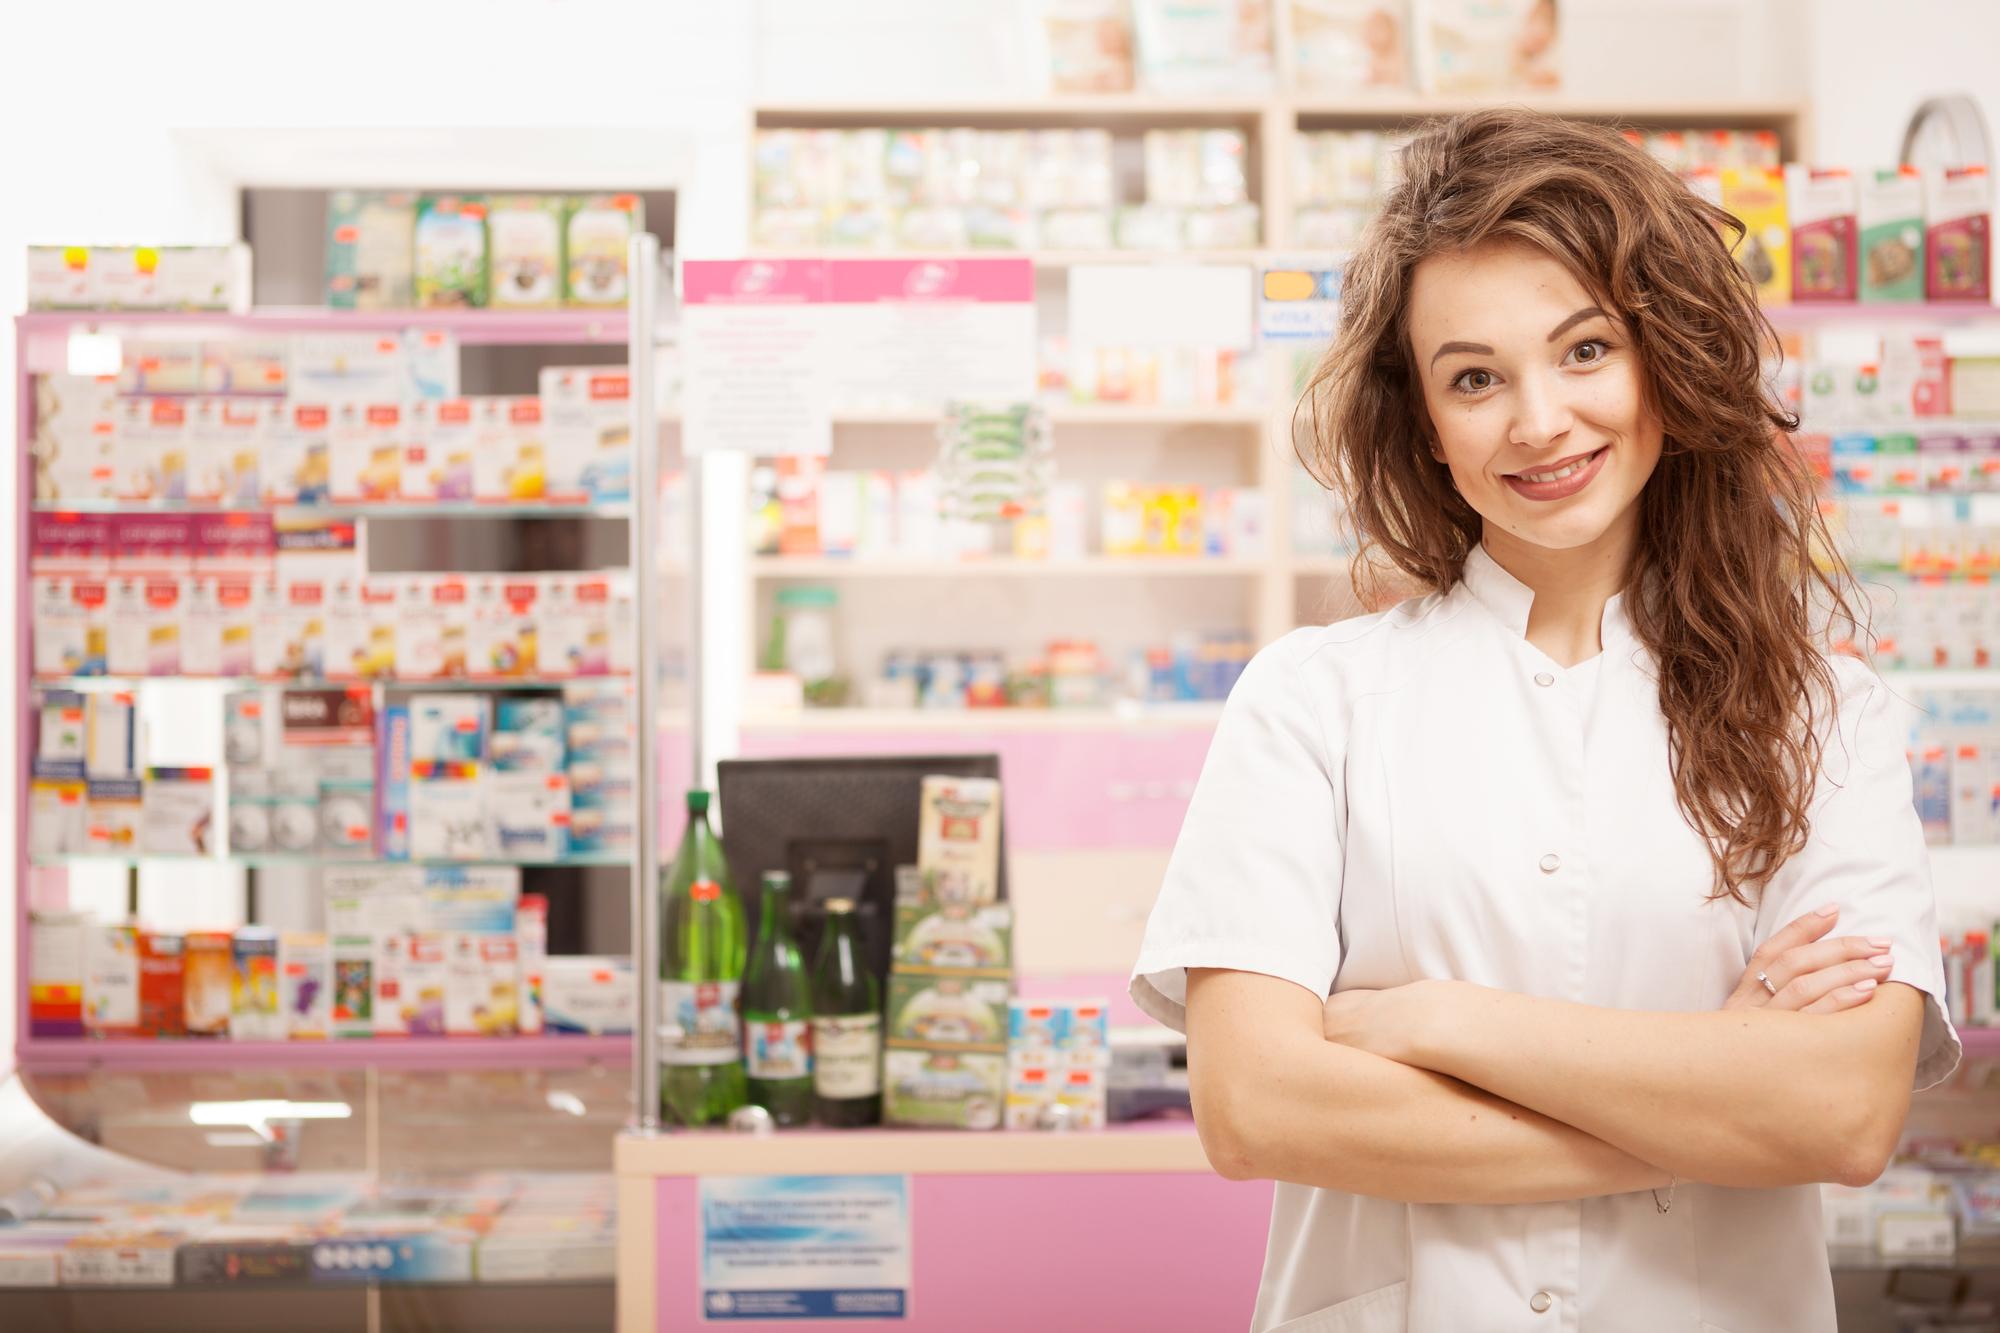 簡単な診察なら薬局で受けられることも。薬については薬剤師に相談してみよう